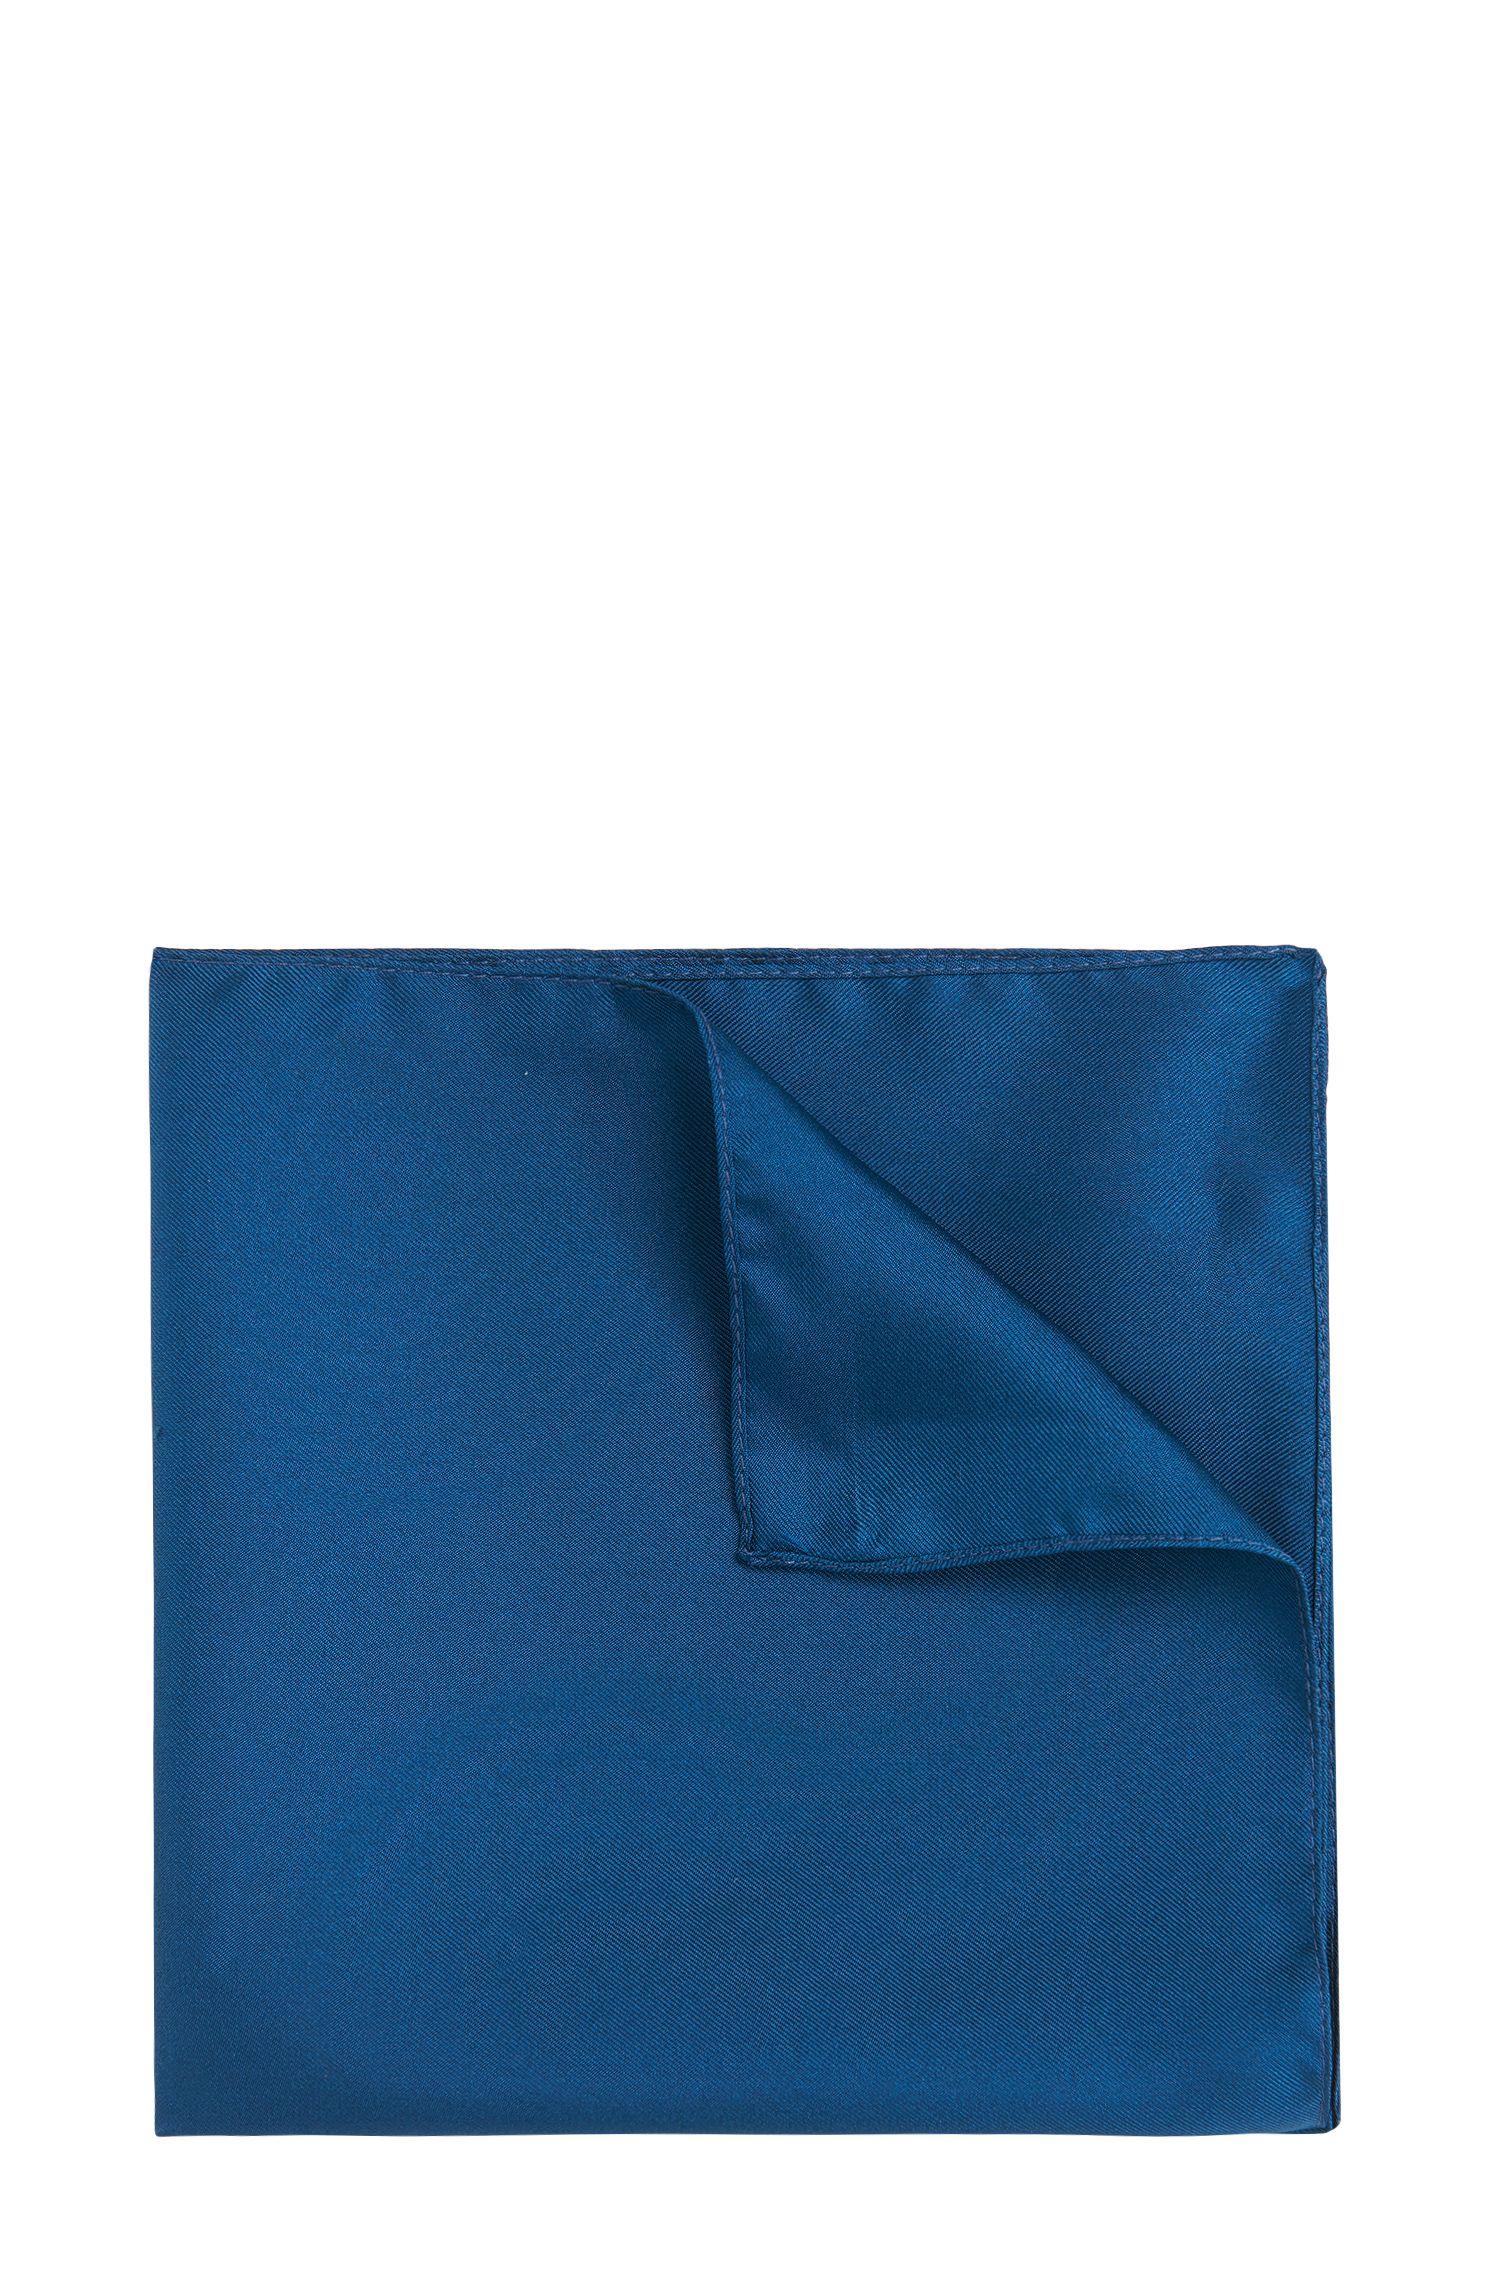 Unifarbenes Einstecktuch aus Seide: 'Pocket sq. cm 33x33'